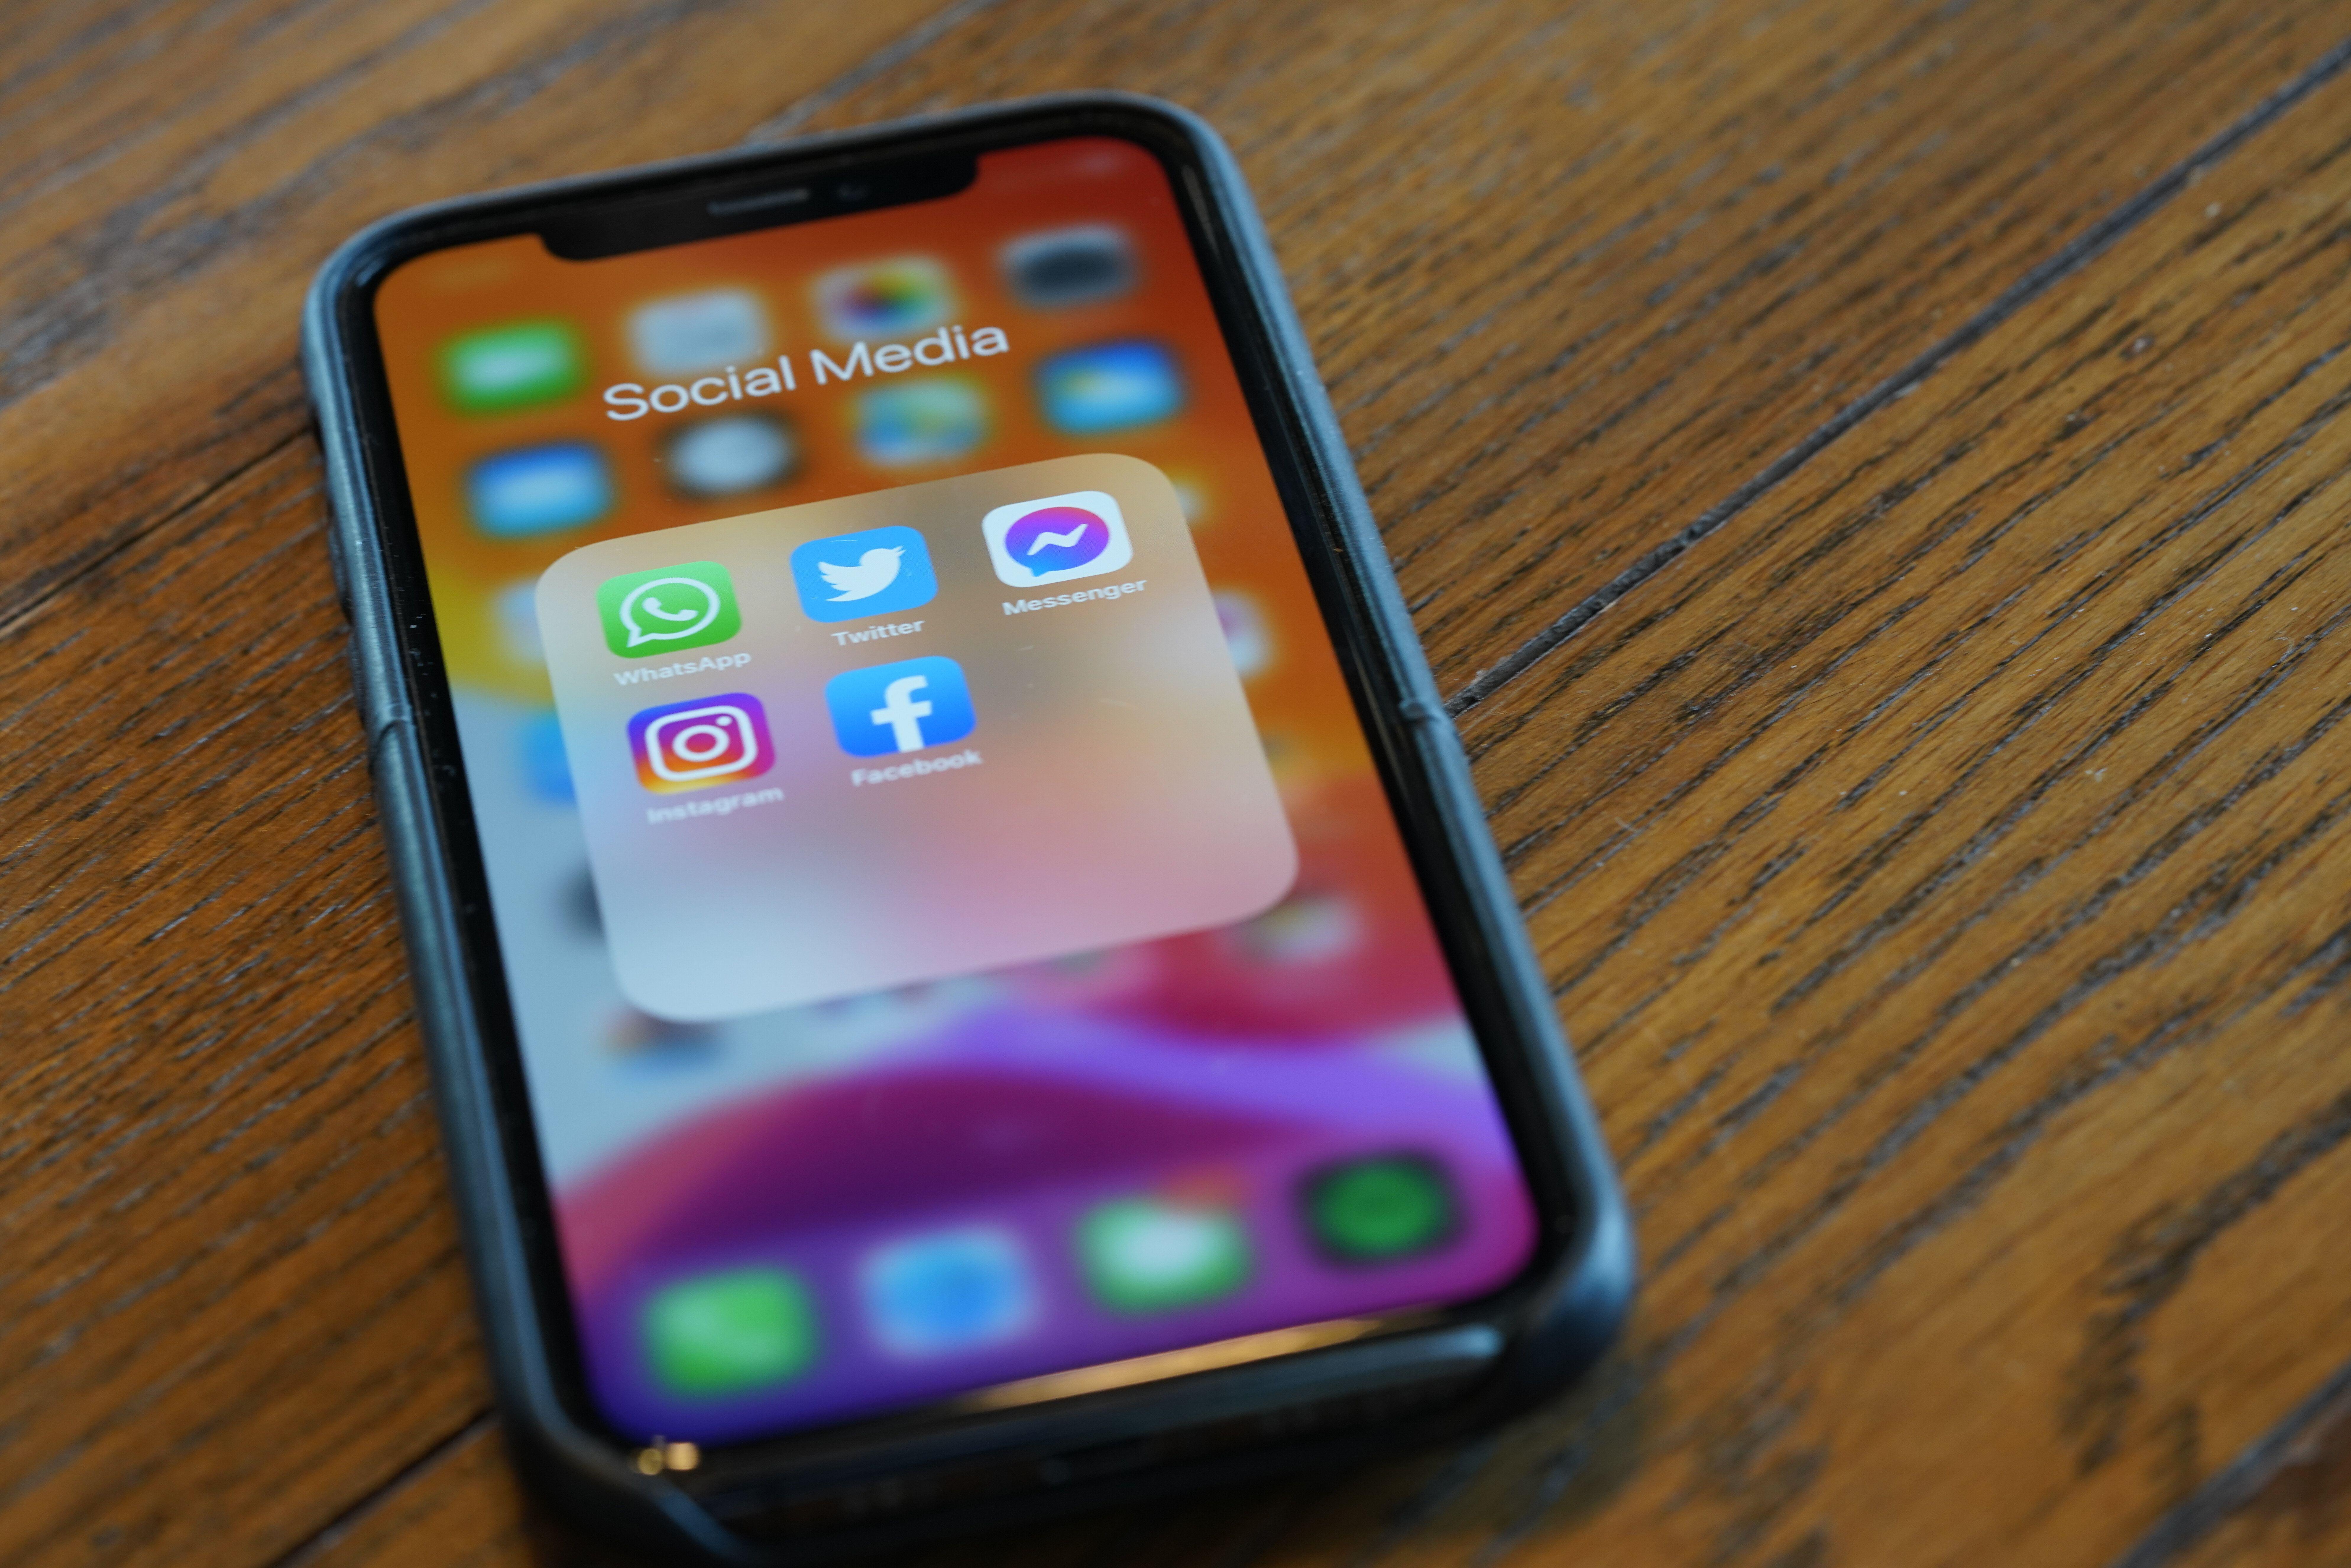 Facebook, Instagram, WhatsApp et Messenger refonctionnent après 7 heures de panne (photo